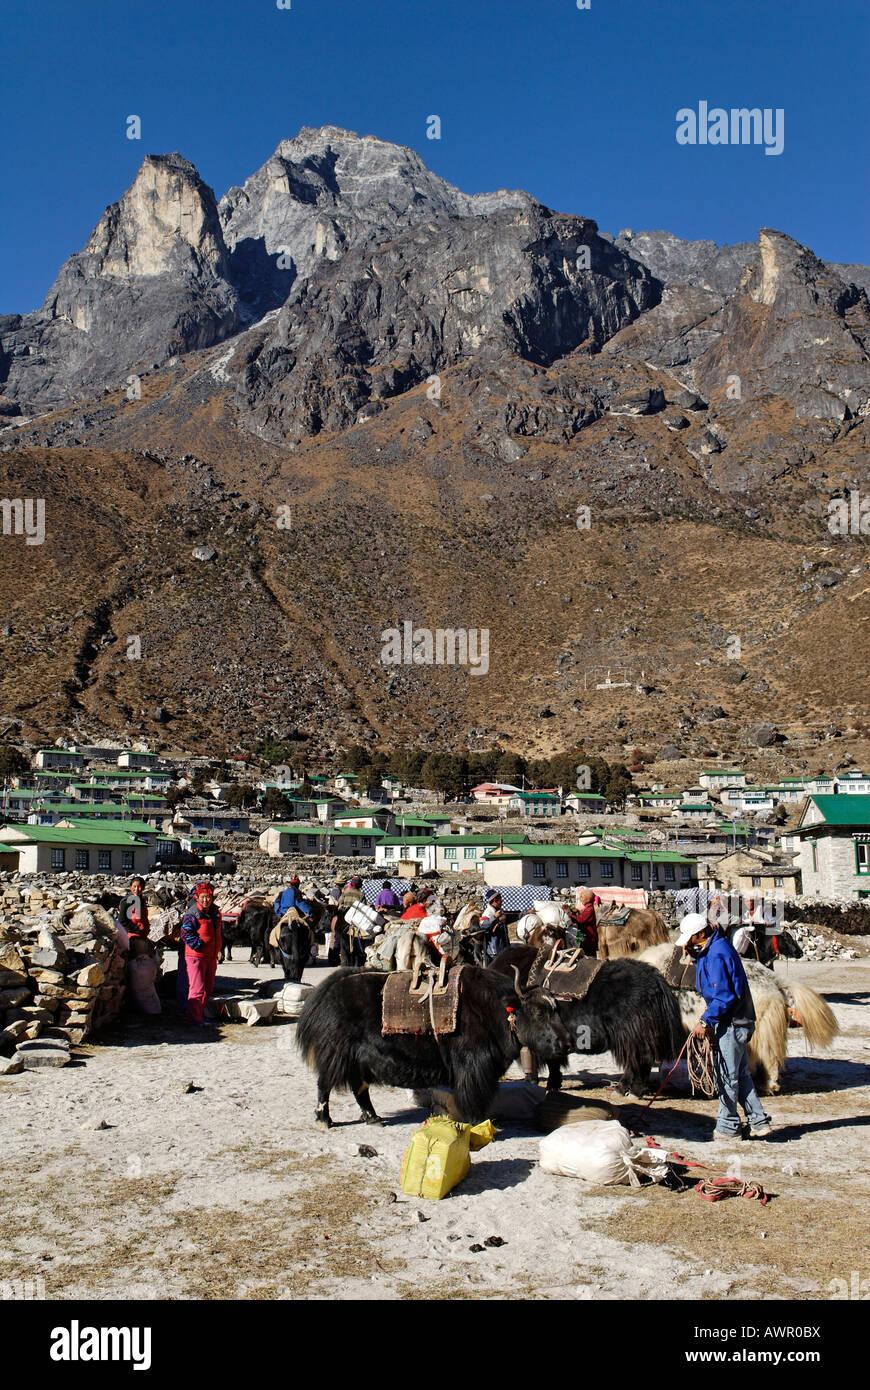 Tibetan yak caravane at Sherpa village Khumjung, holy mountain Khumbi Yul Lha (Khumbila, 5761), Sagarmatha National - Stock Image